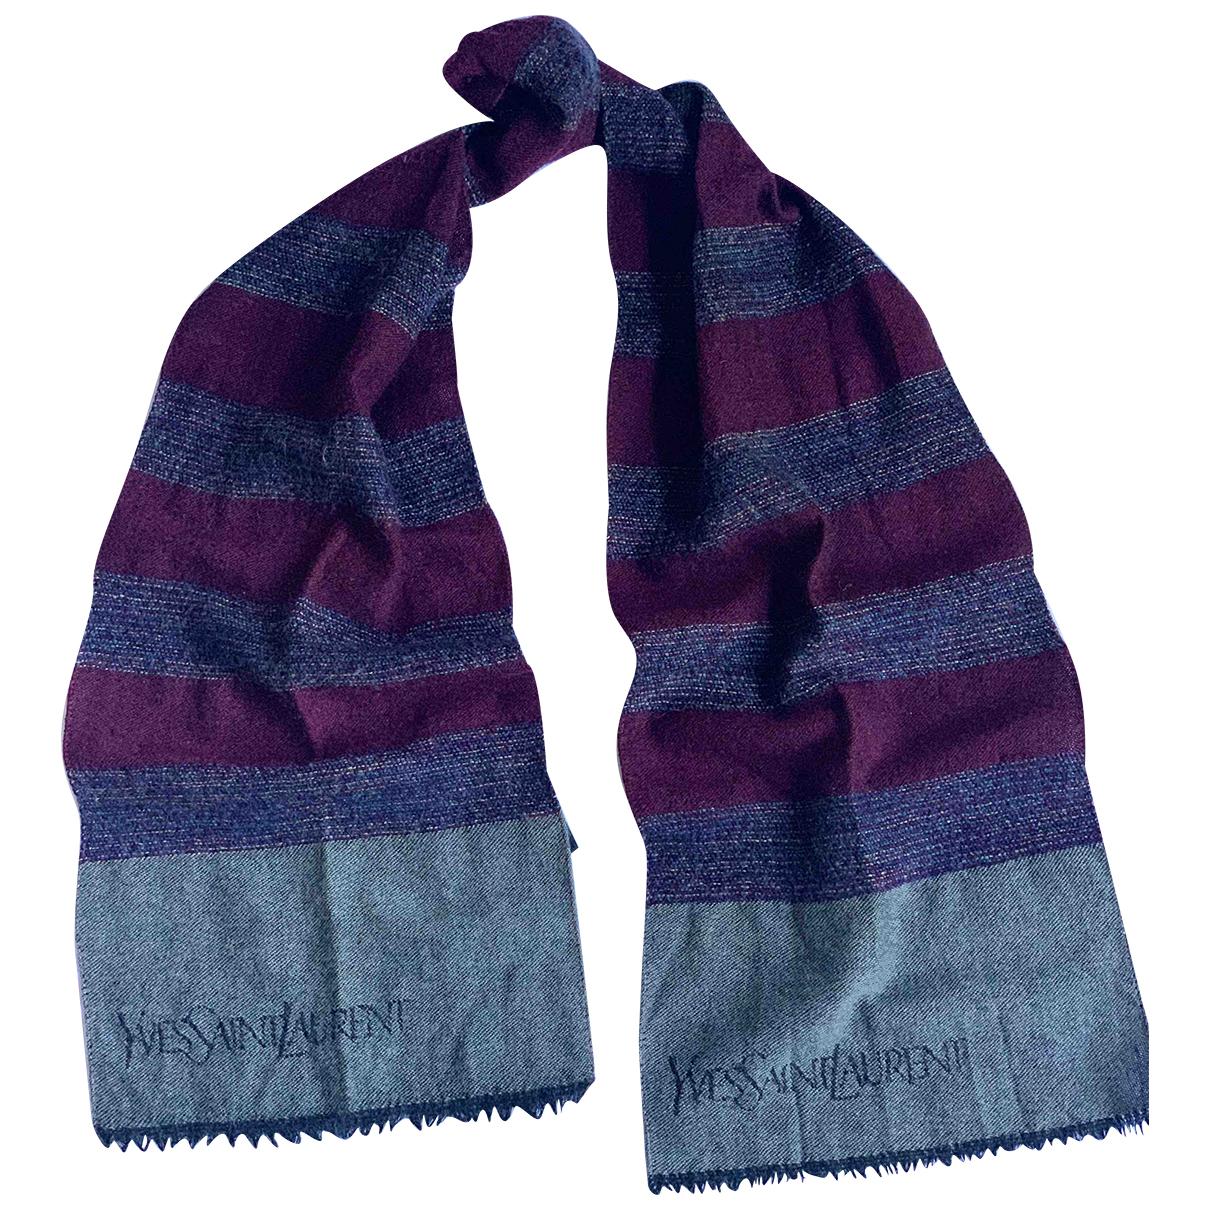 Yves Saint Laurent - Cheches.Echarpes   pour homme en laine - bordeaux